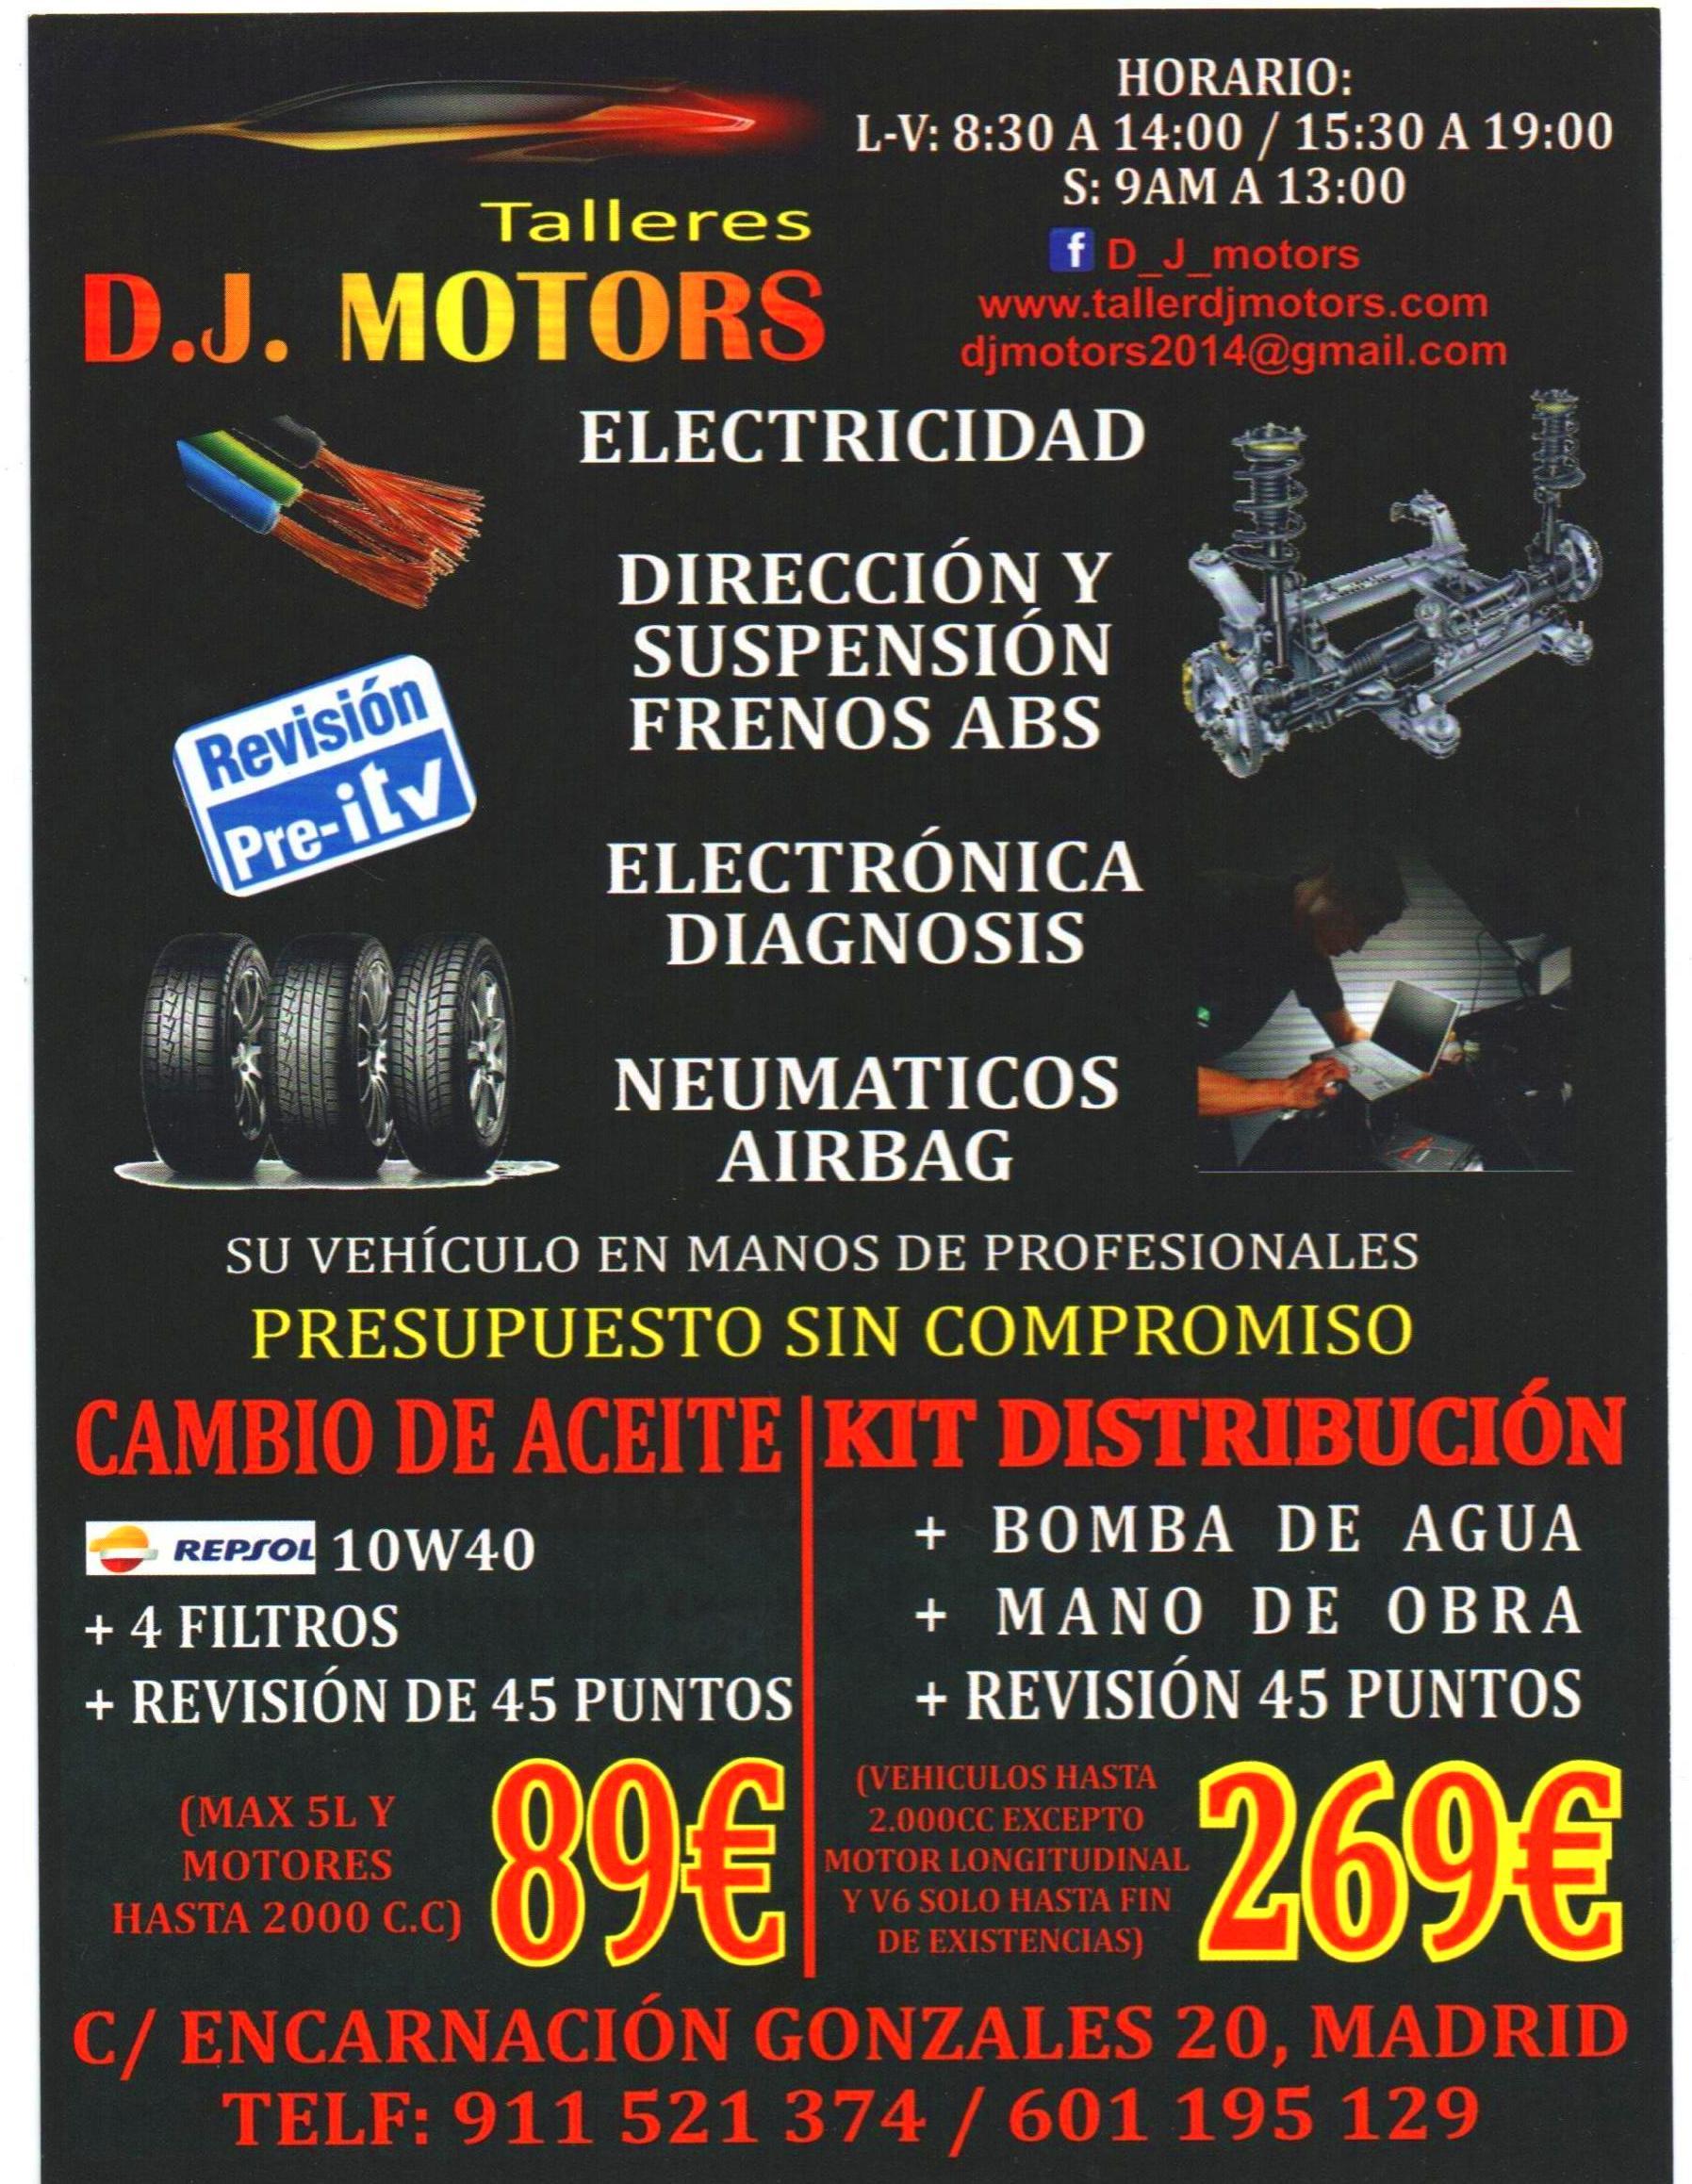 !!!Ofertas!!!: Servicios de Dj Motors